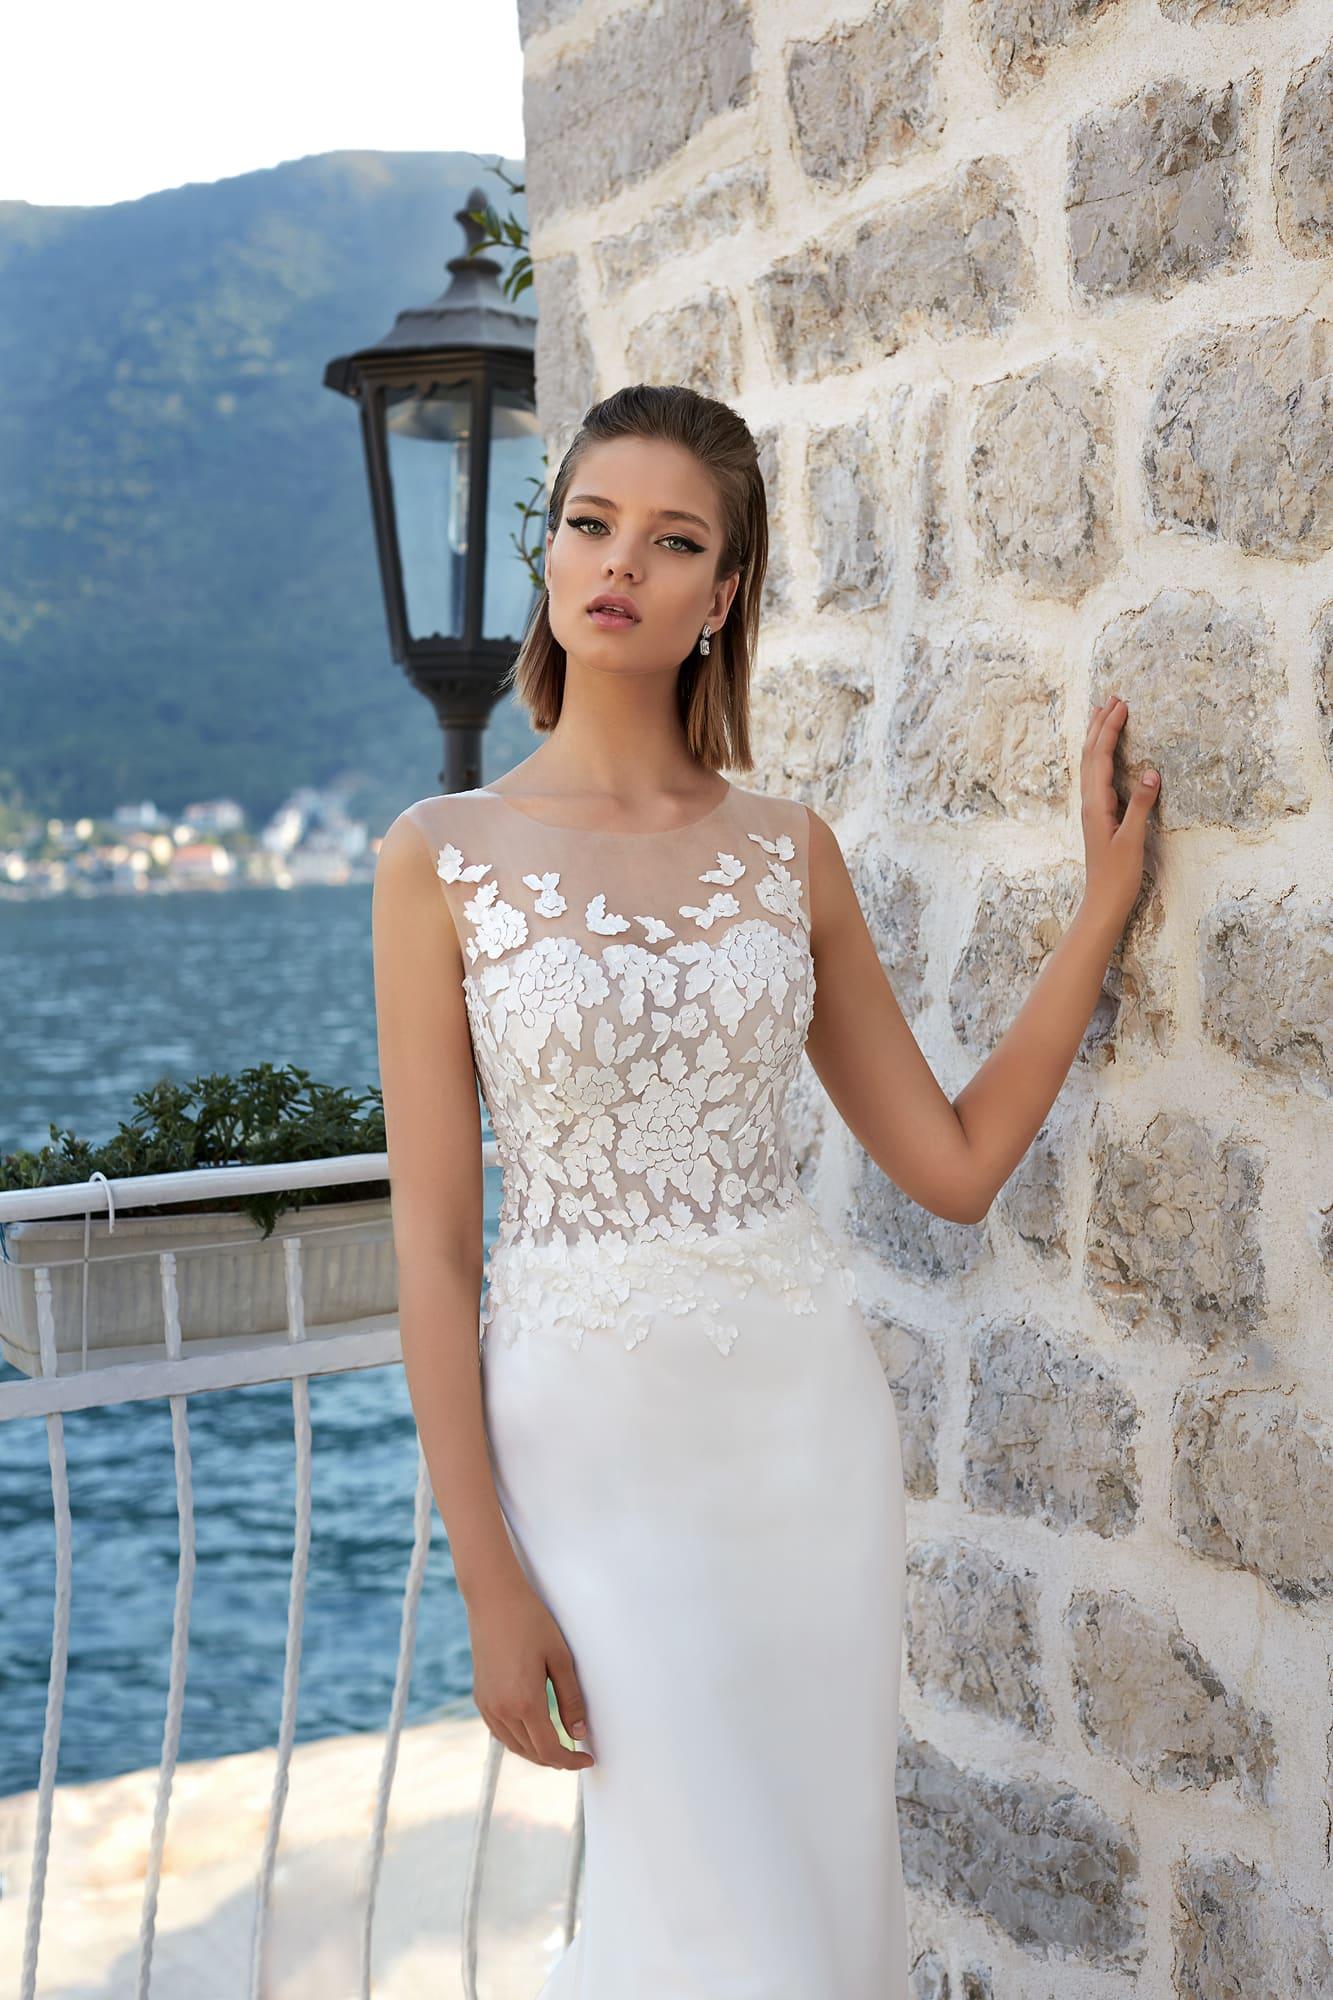 Прямое свадебное платье с эффектным шлейфом и объемной отделкой закрытого лифа.